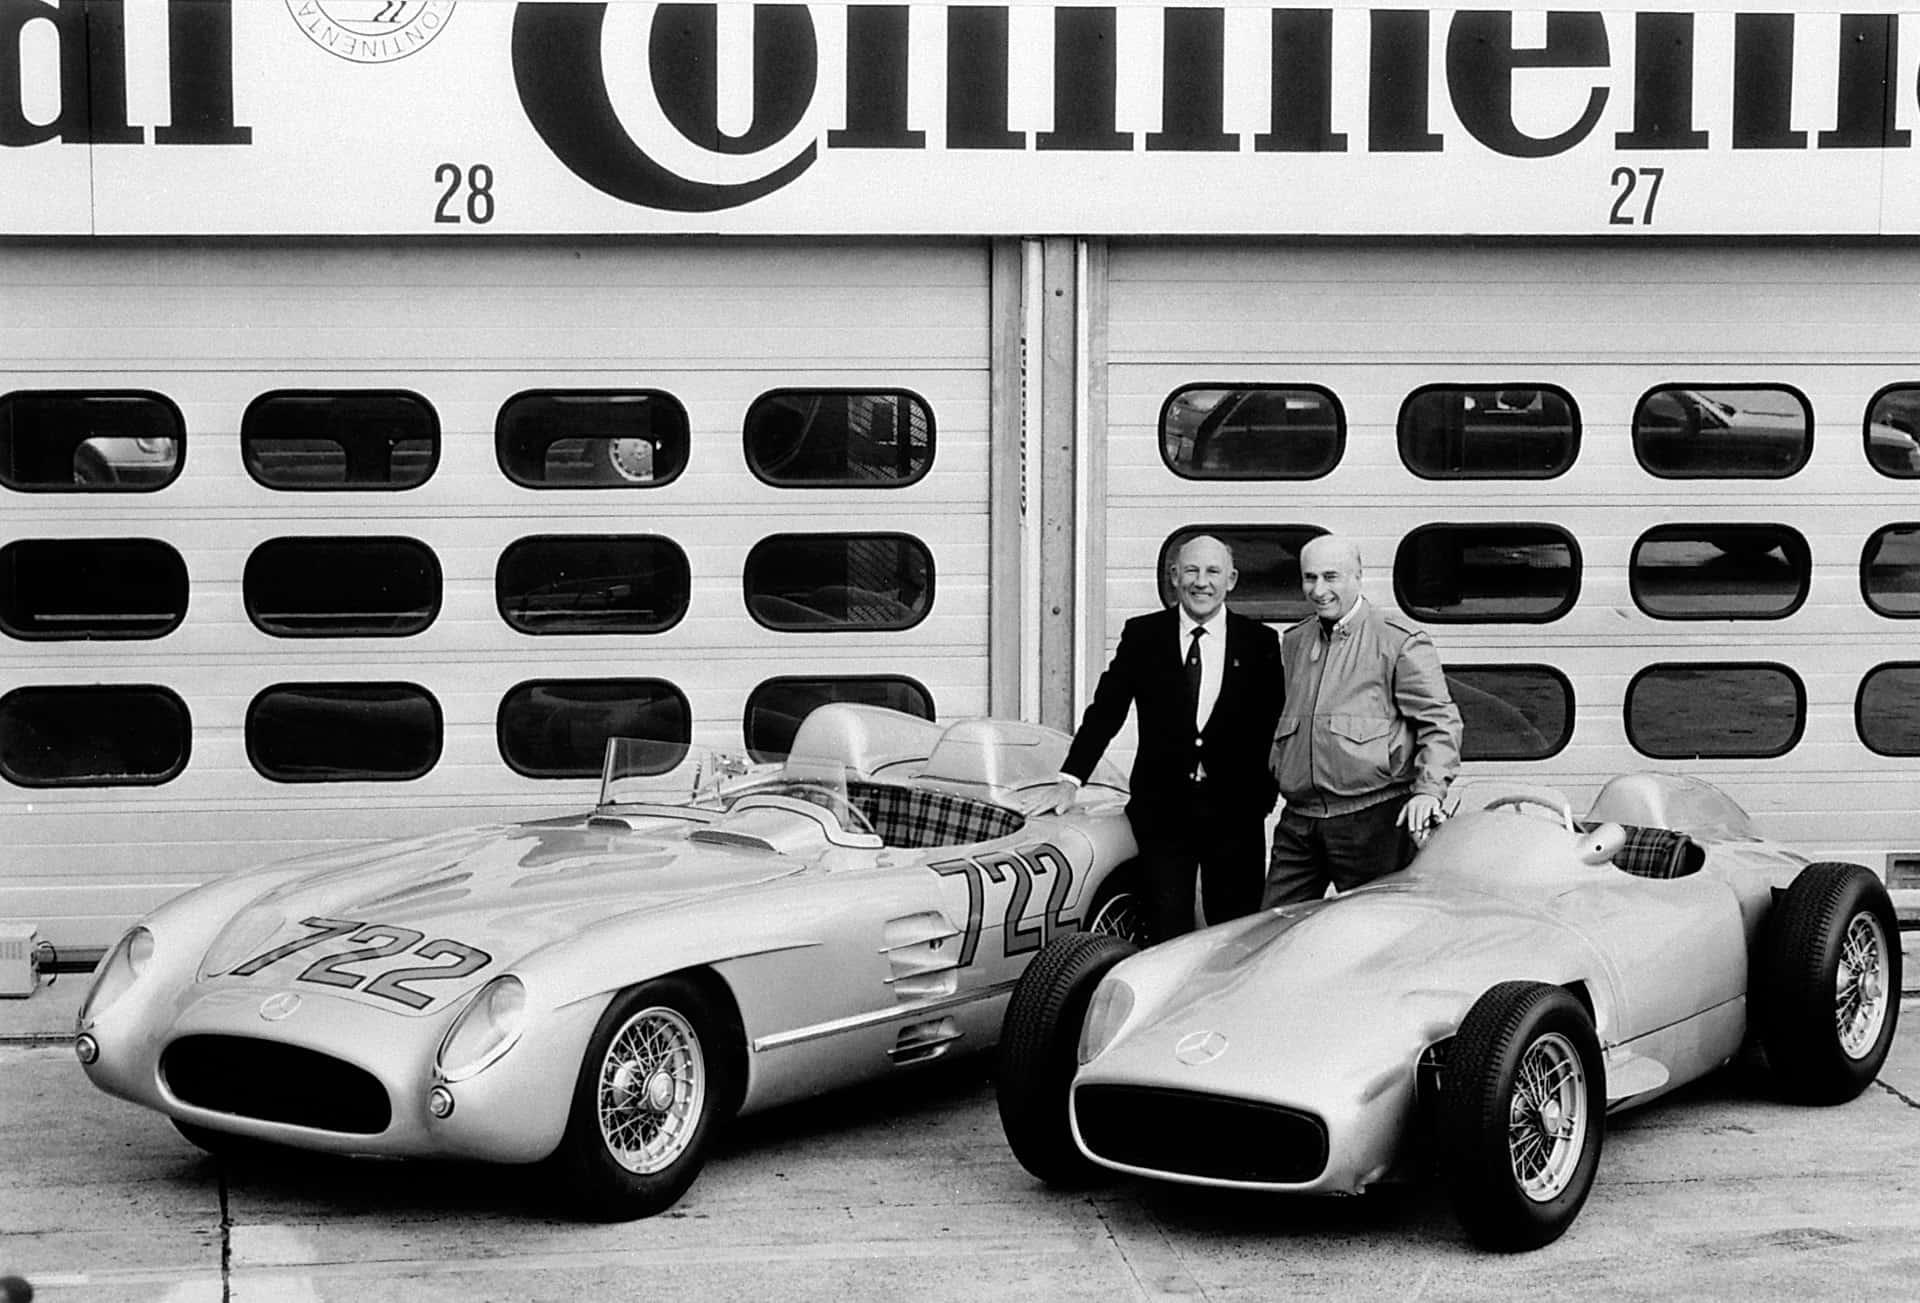 Bilder Die Mercedes-Benz Rennfahrer Stirling Moss (links) und Juan Manuel Fangio auf dem Hockenheimring im Jahr 1991 mit dem Mercedes-Benz Rennsportwagen 300 SLR (W 196 S), der die Startnummer 722 der Mille Miglia 1955 trägt, sowie einem Mercedes-Benz Formel-1-Rennwagen W 196 R.